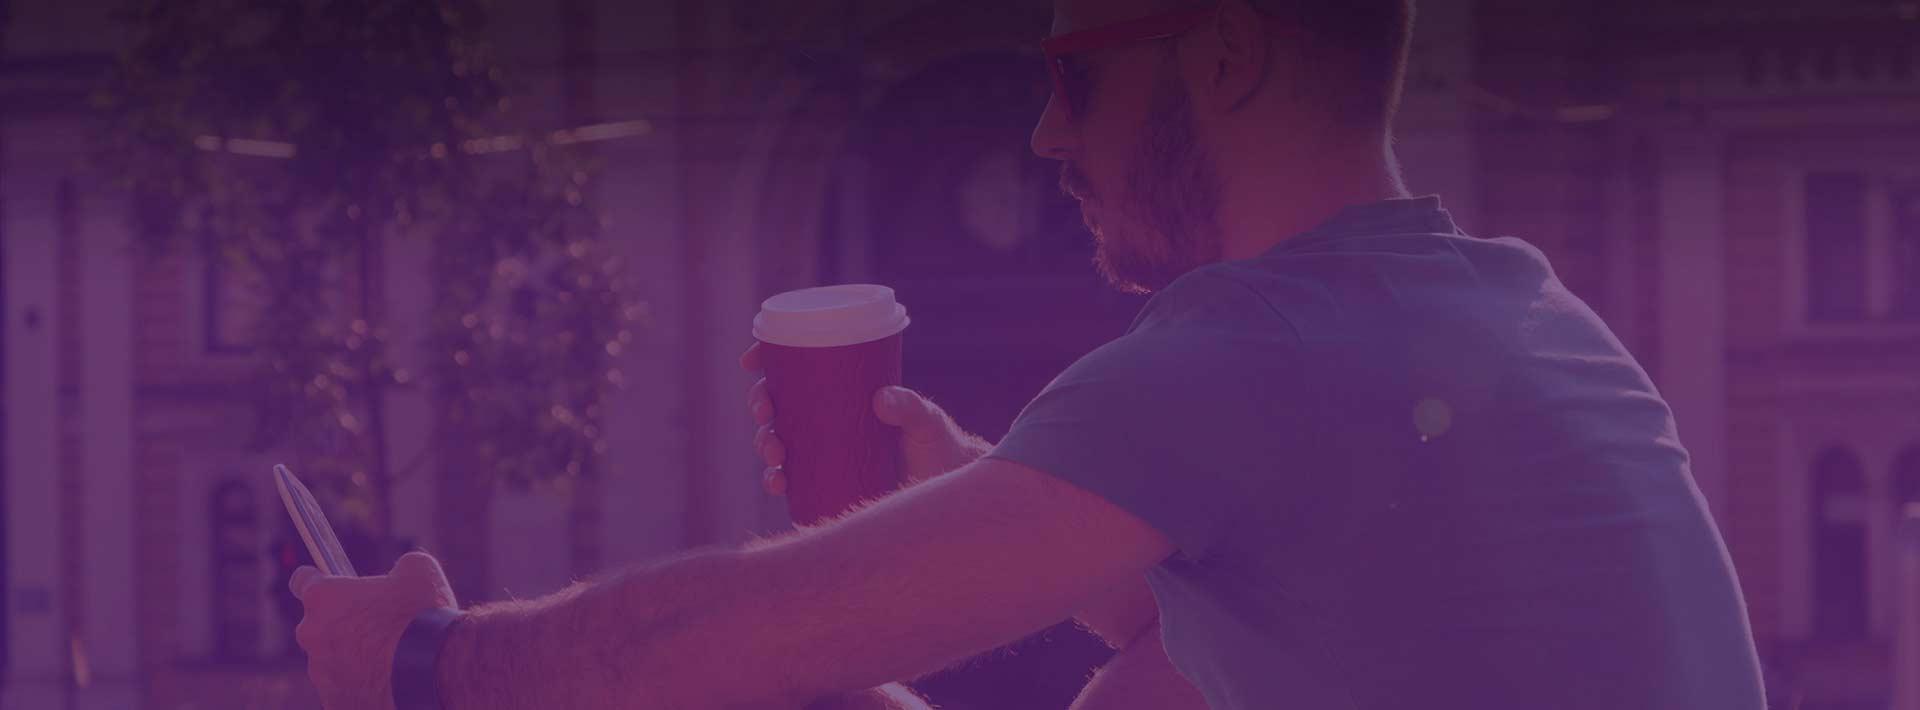 Facilite a comunicação com o seu público - Com SMS marketing você potencializa negócios